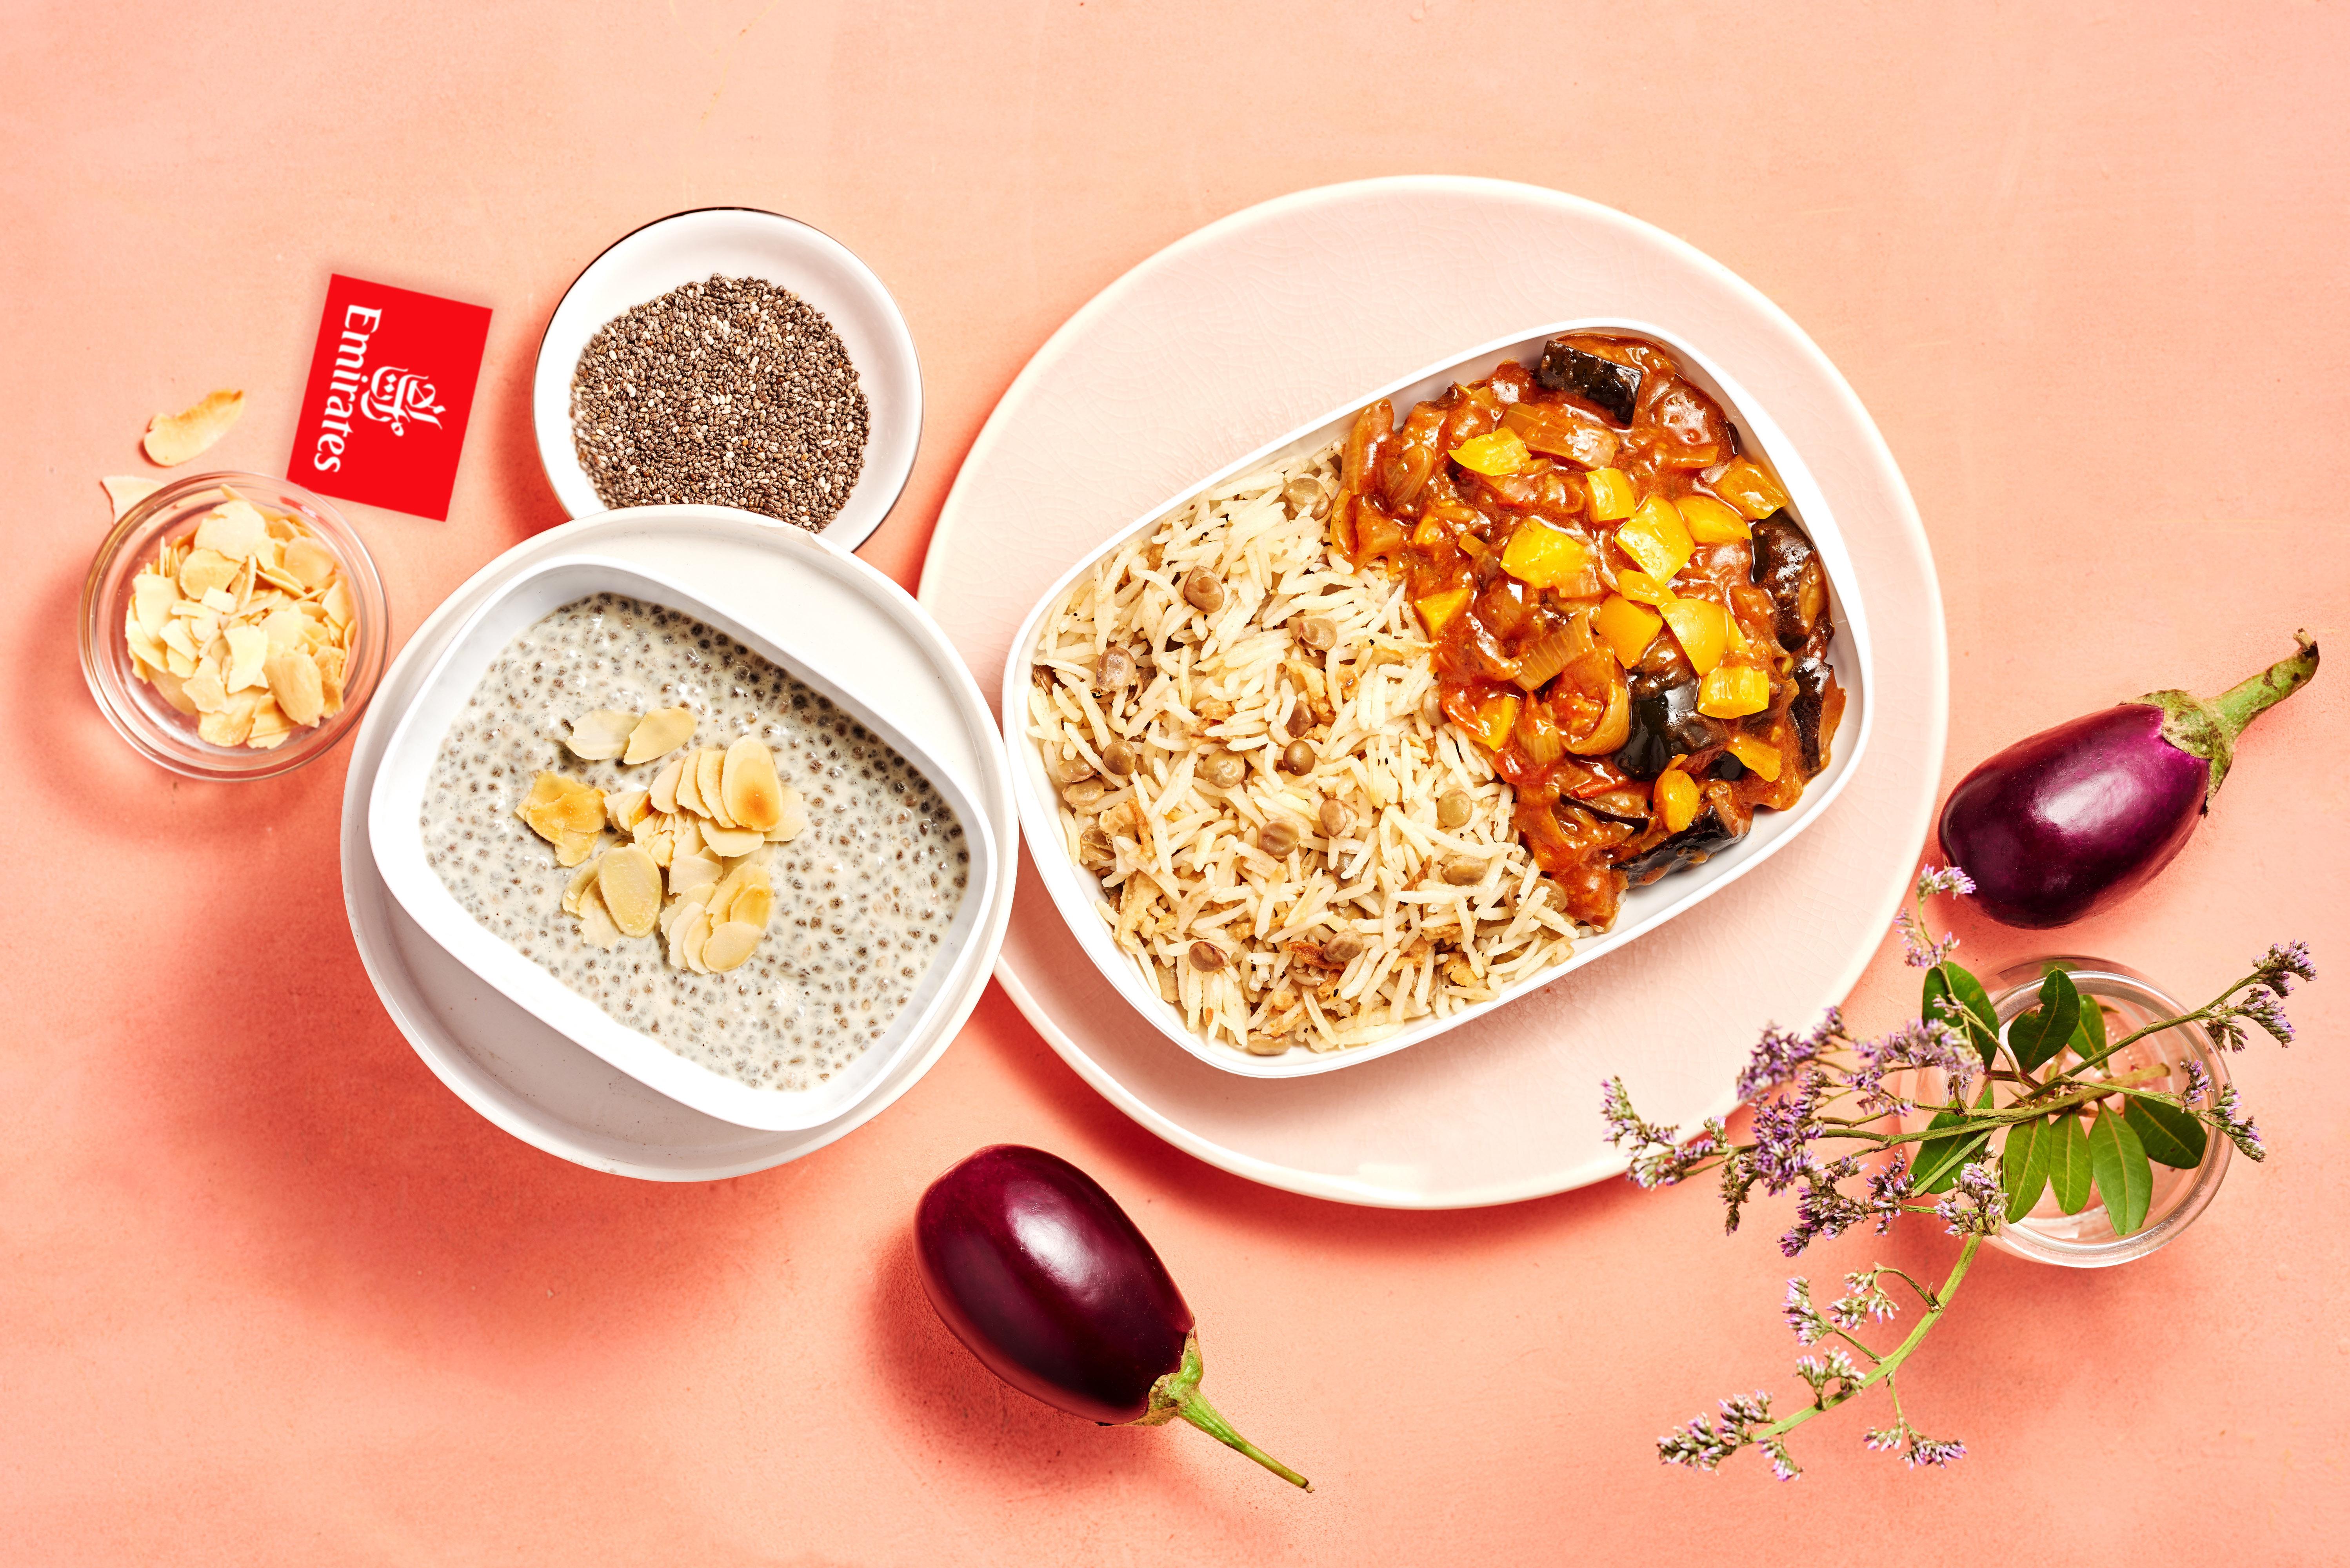 Sådan kan en vegetarmenu se ud på Emirates' economy class. Foto: Emirates.